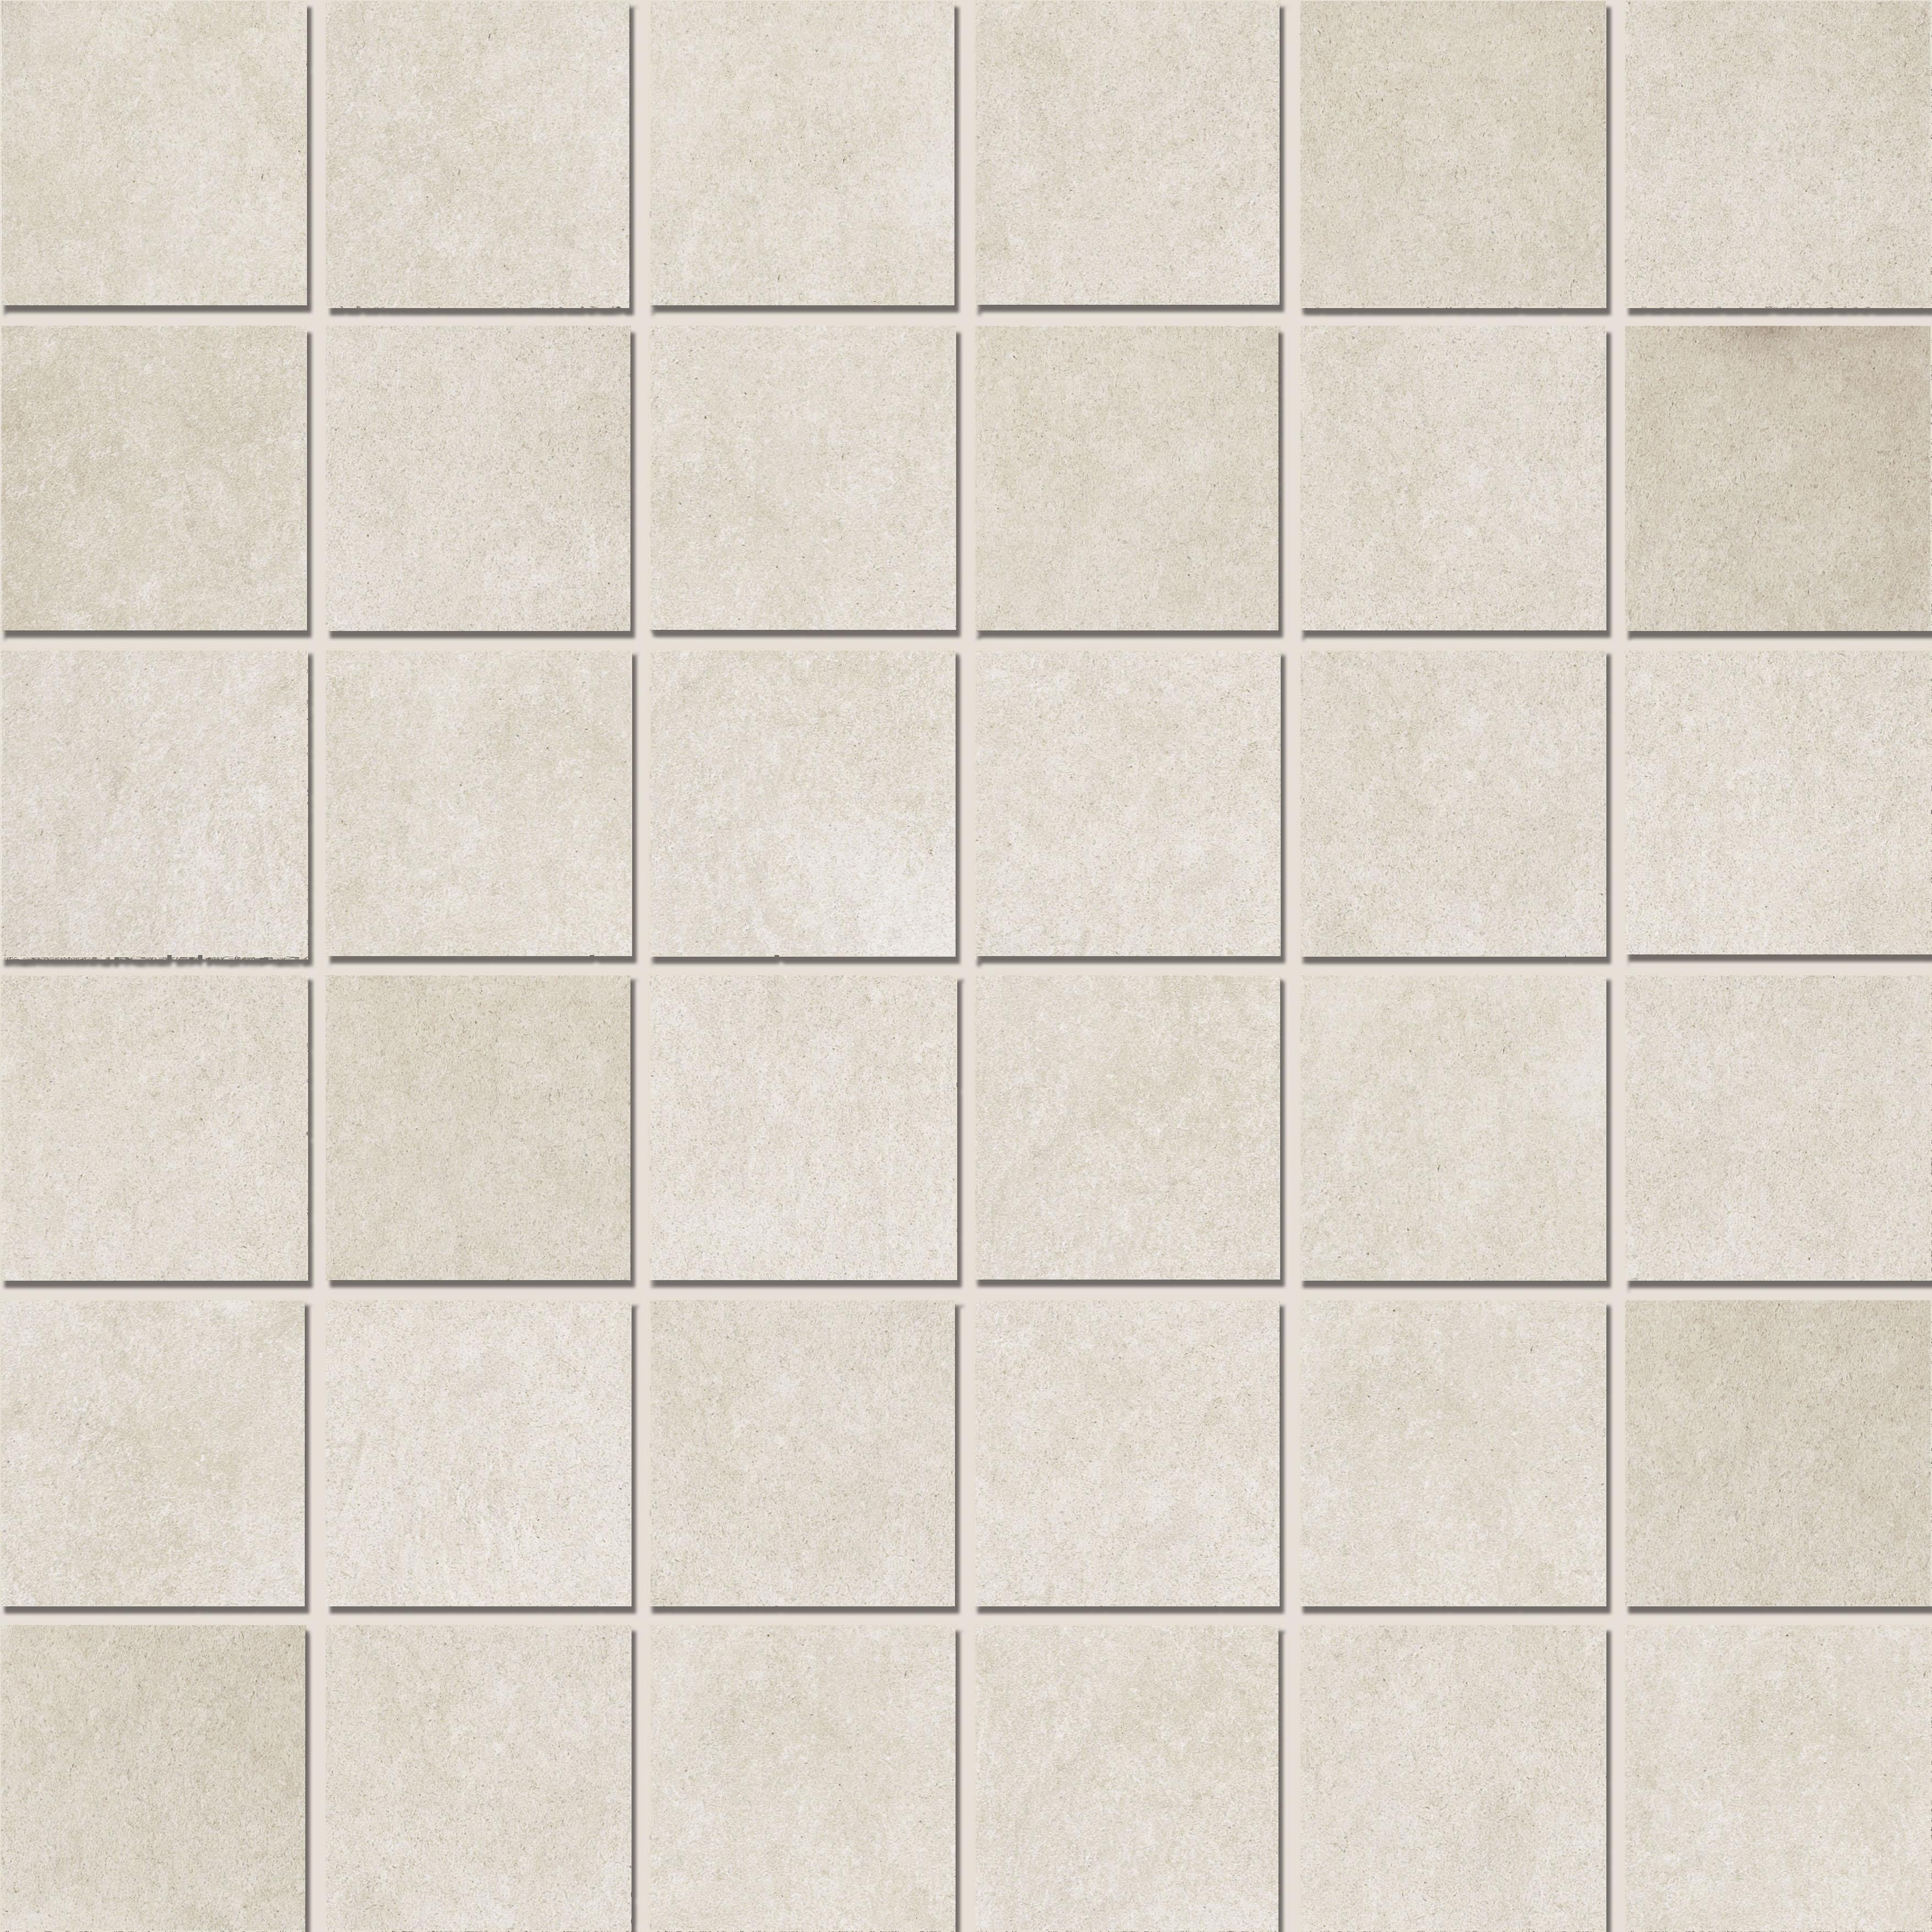 Mosaic 4,7x4,7 White Satin